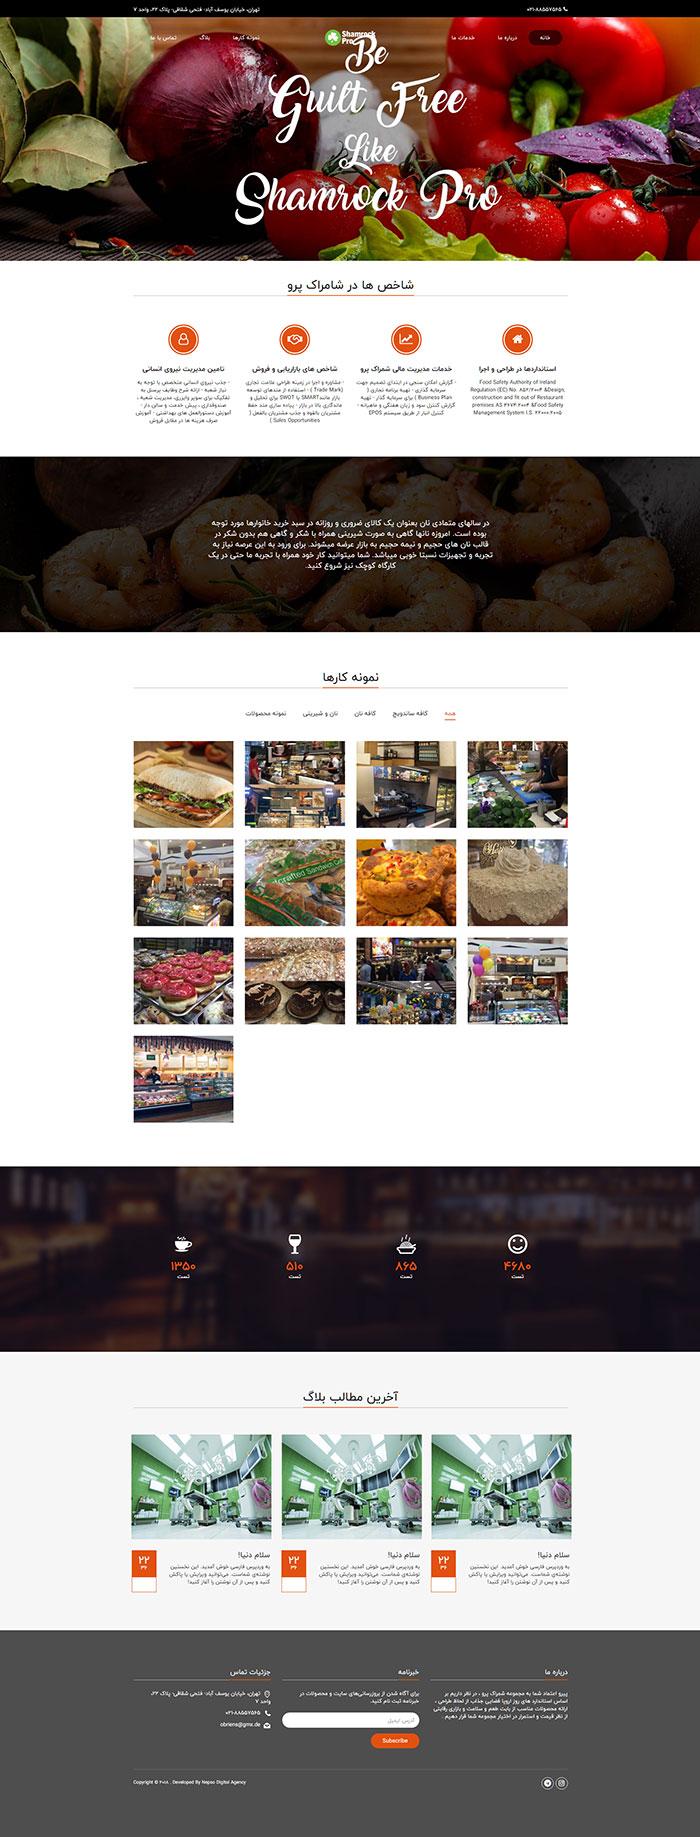 طراحی وب سایت شامراک پرو